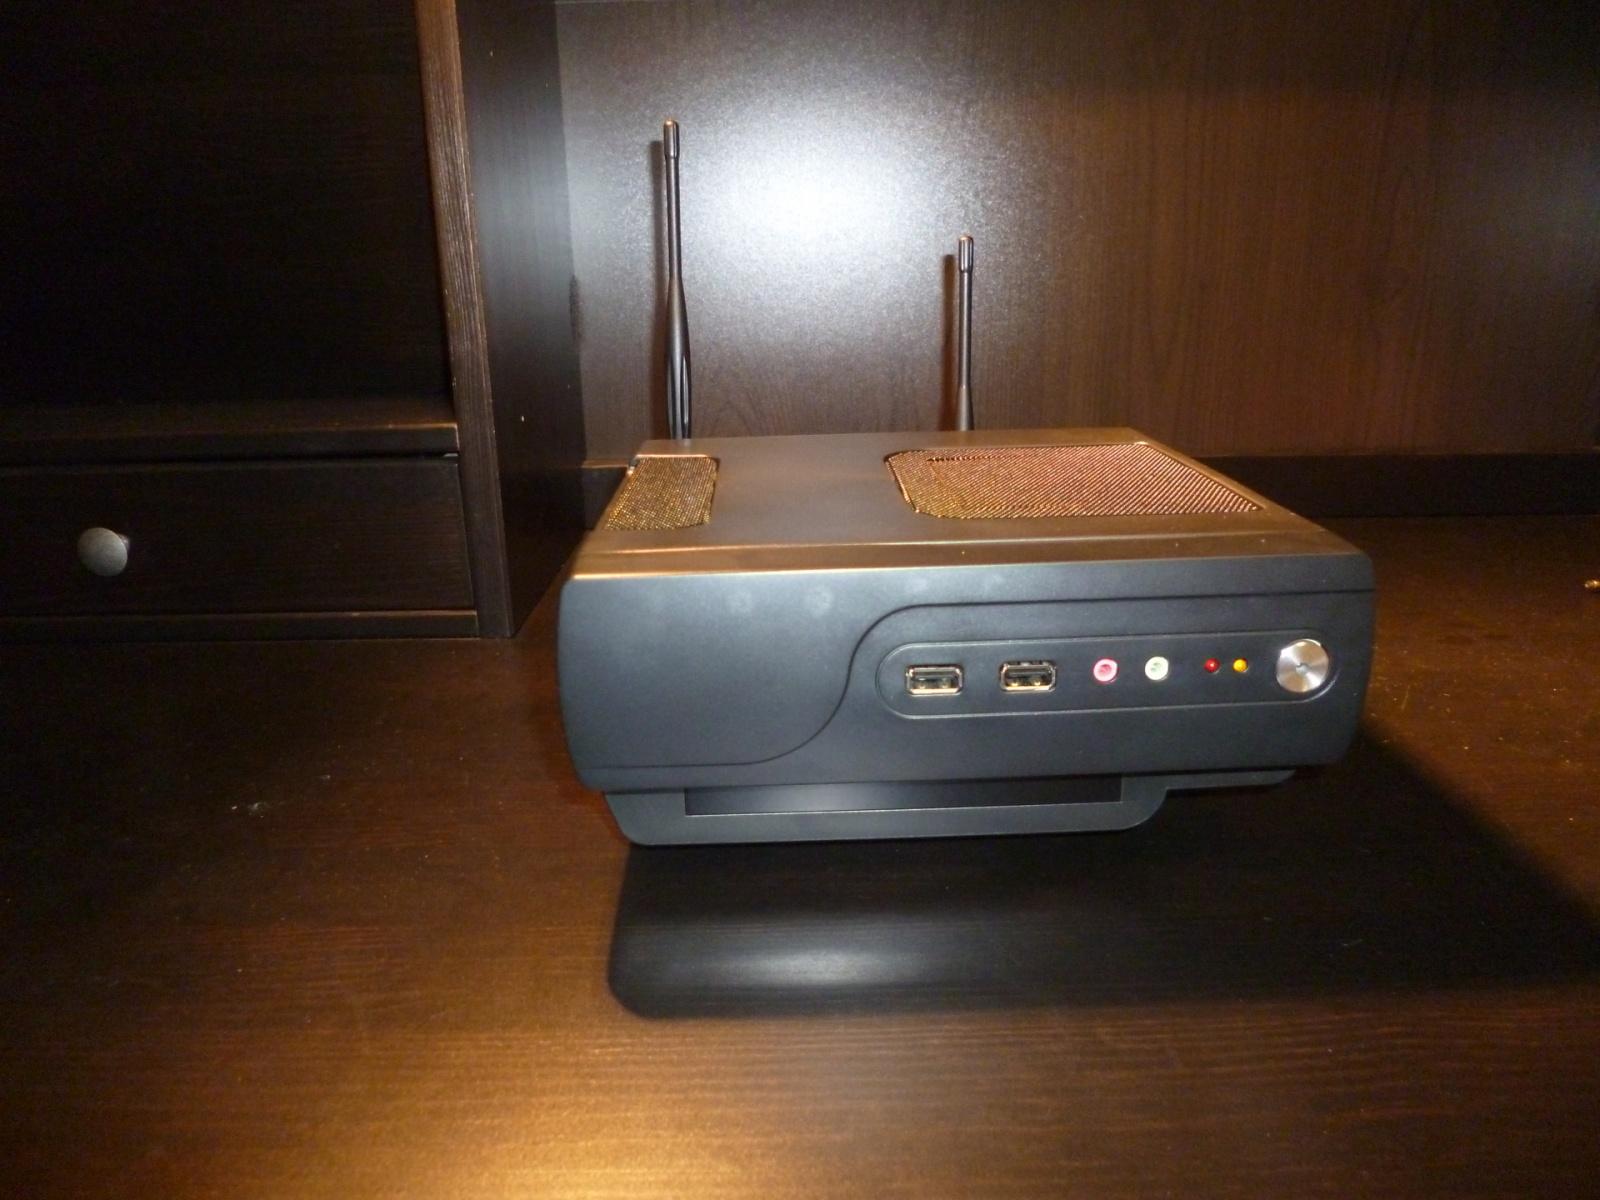 Опыт создания домашнего Wi-Fi маршрутизатора. Общий обзор - 13